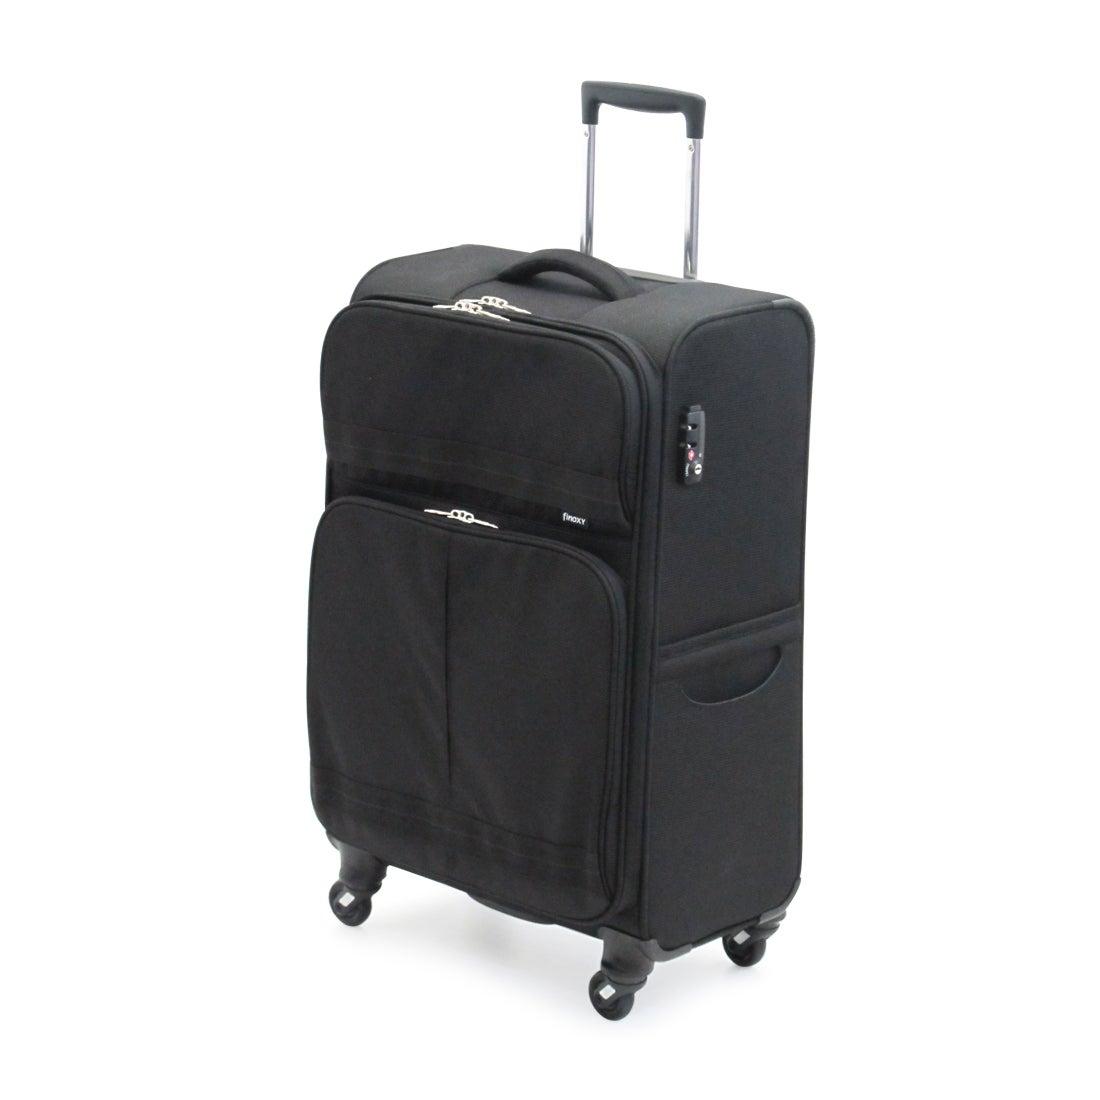 【SAC'S BAR】サンコー SUNCO スーツケース FNXS-60 60cm Finoxy-S ブラック メンズ